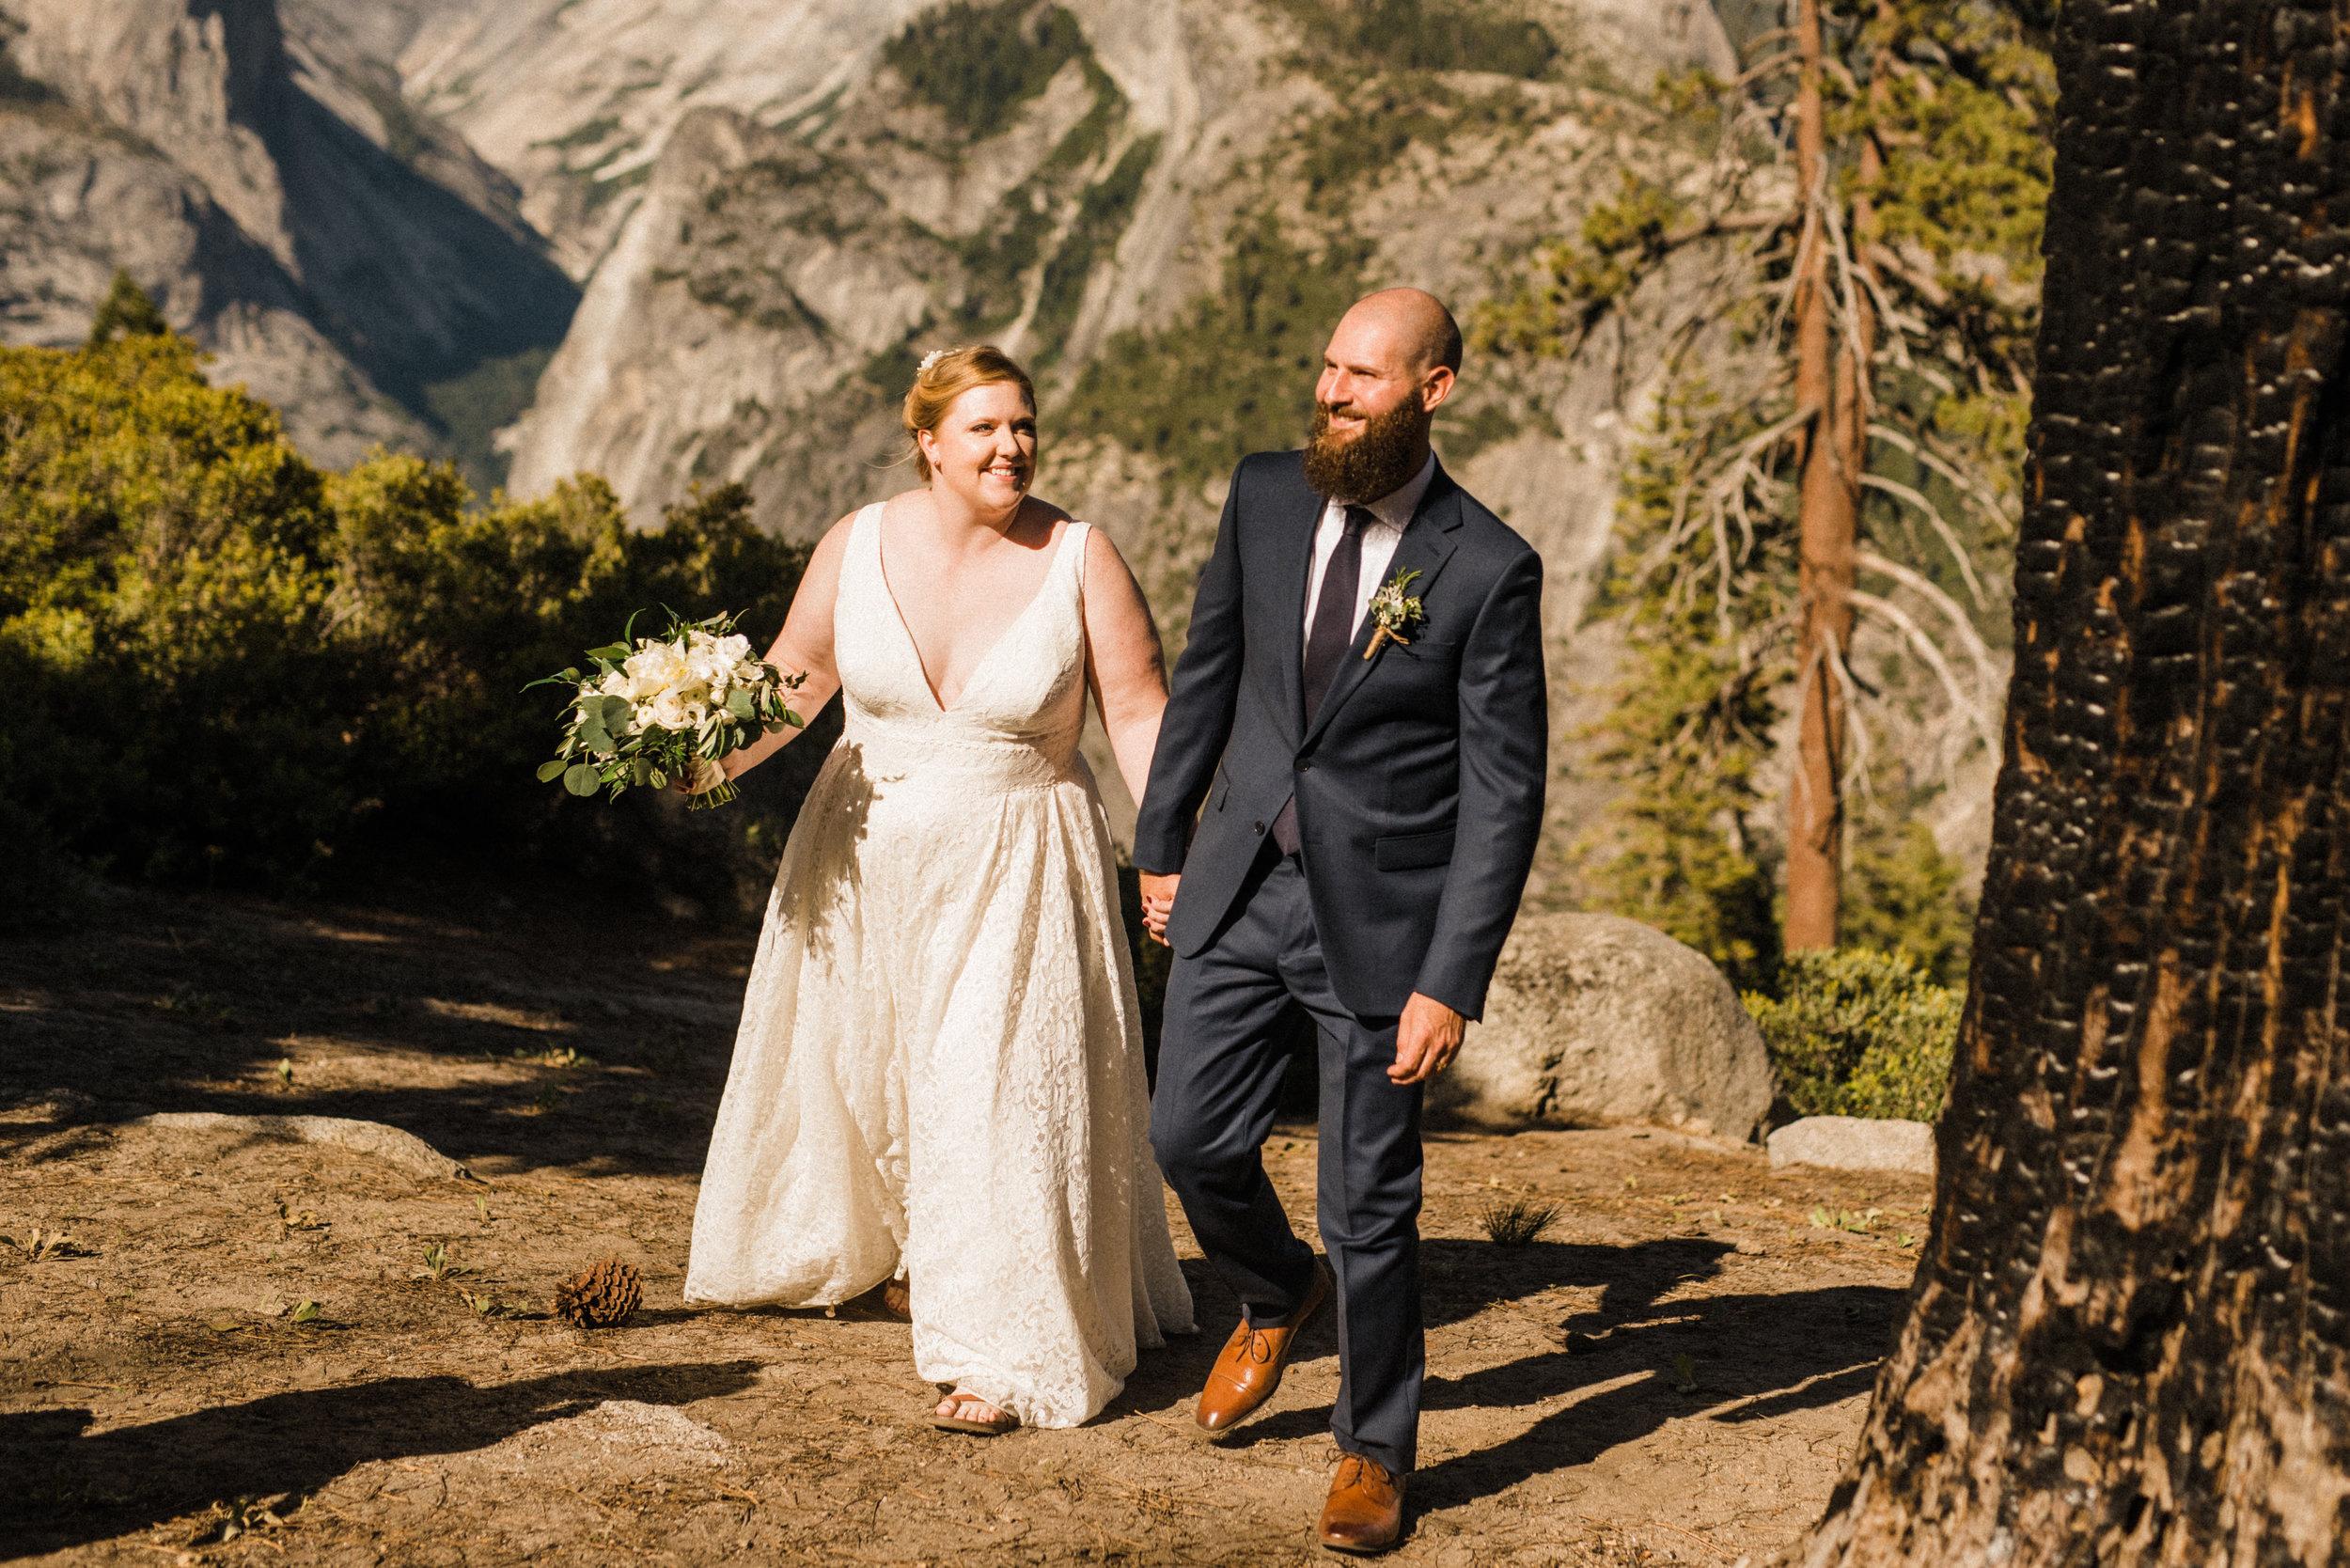 Bride and Groom walking at Yosemite National Park